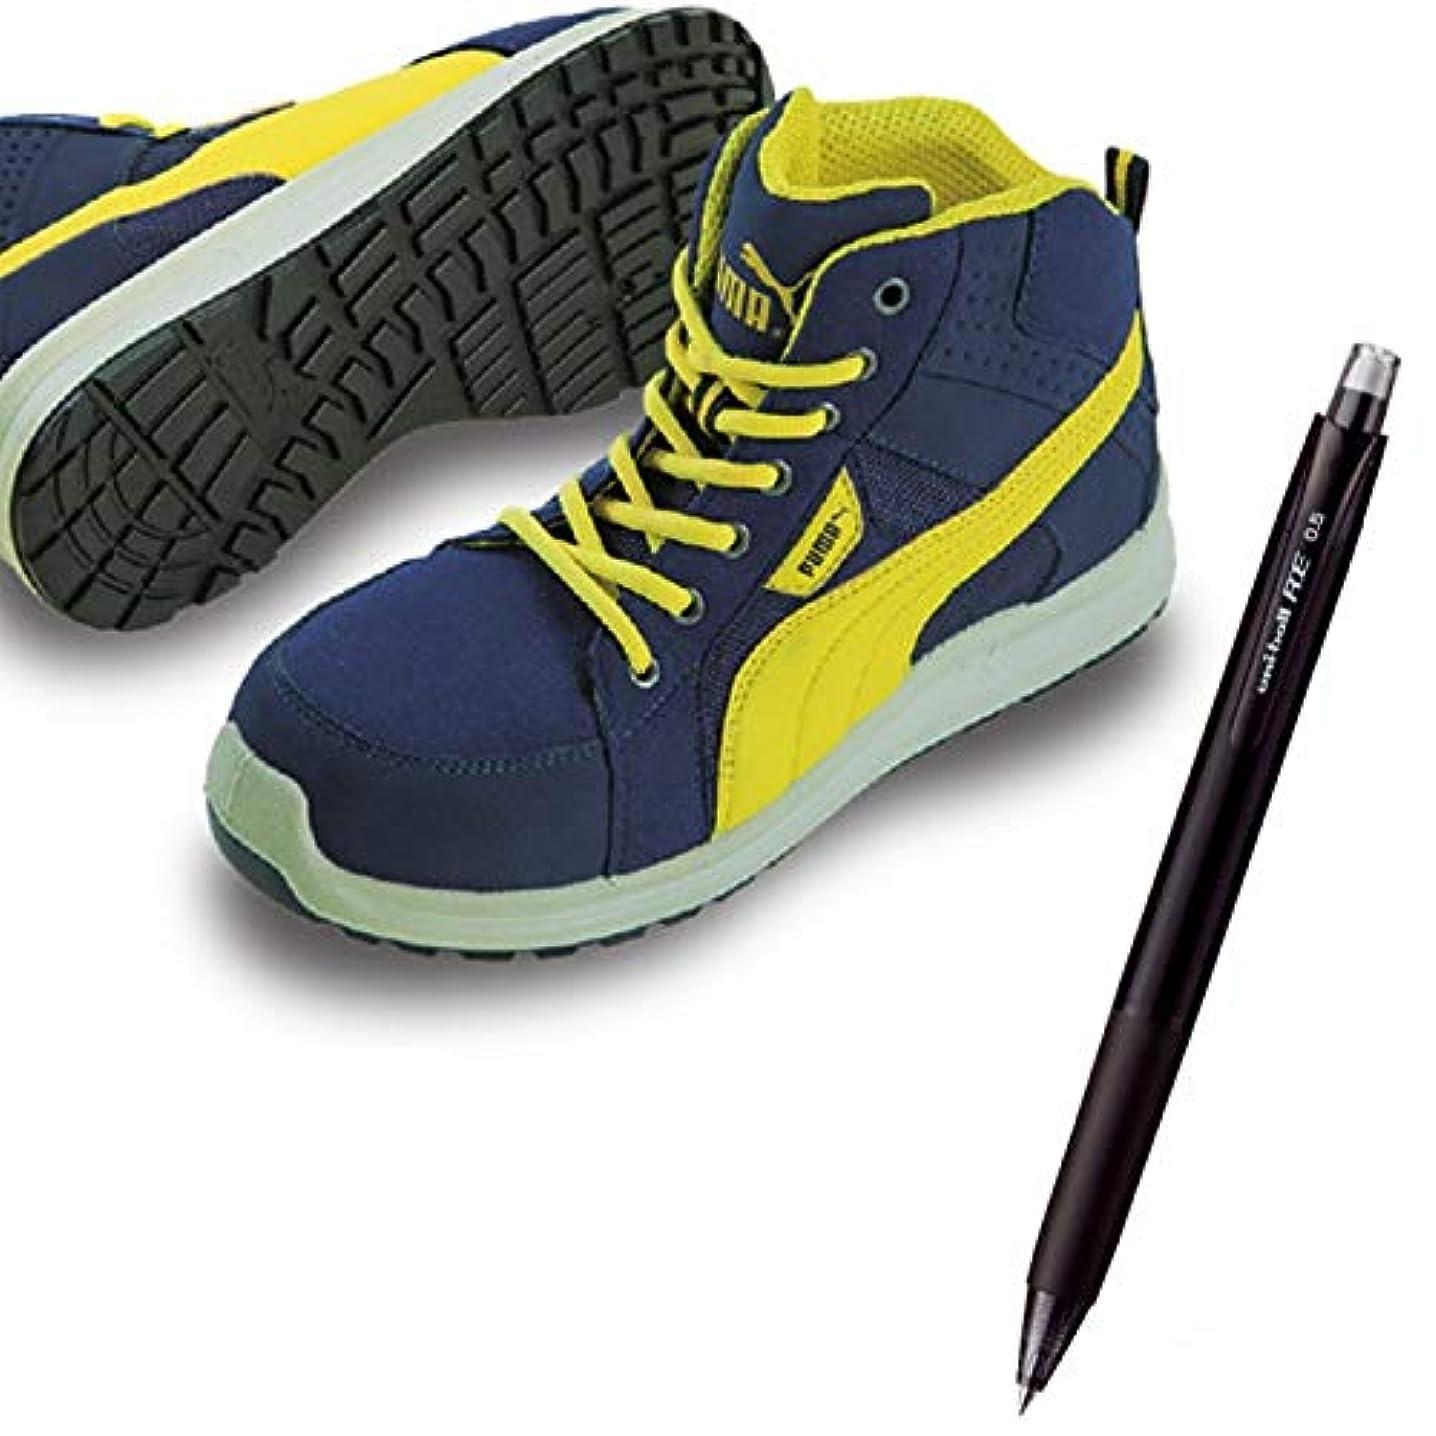 実験室ブラスト流行PUMA(プーマ) 安全靴 ライダー 28.0cm ブルー ミッド 消せるボールペン付きセット 63.351.0